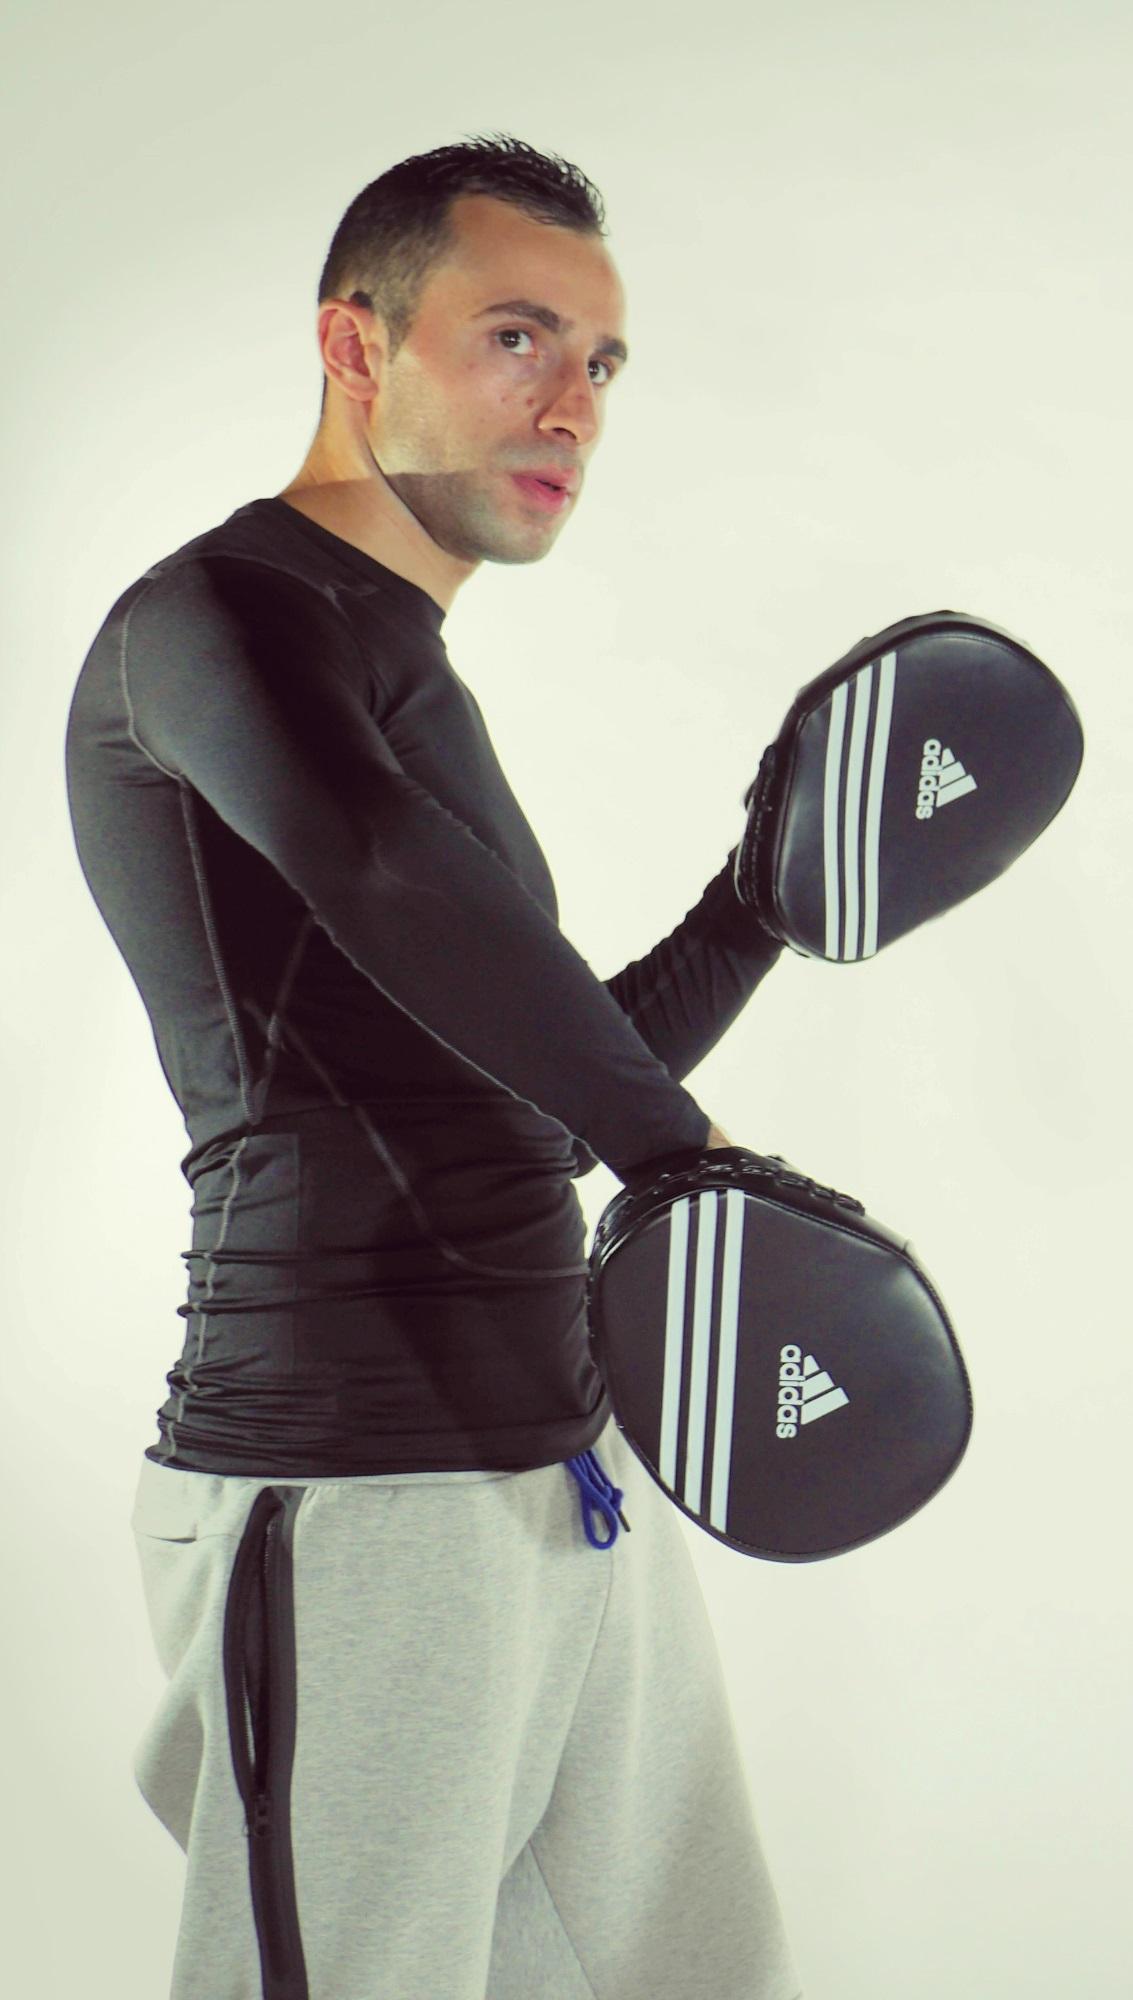 coach sportif boxe paris. Black Bedroom Furniture Sets. Home Design Ideas